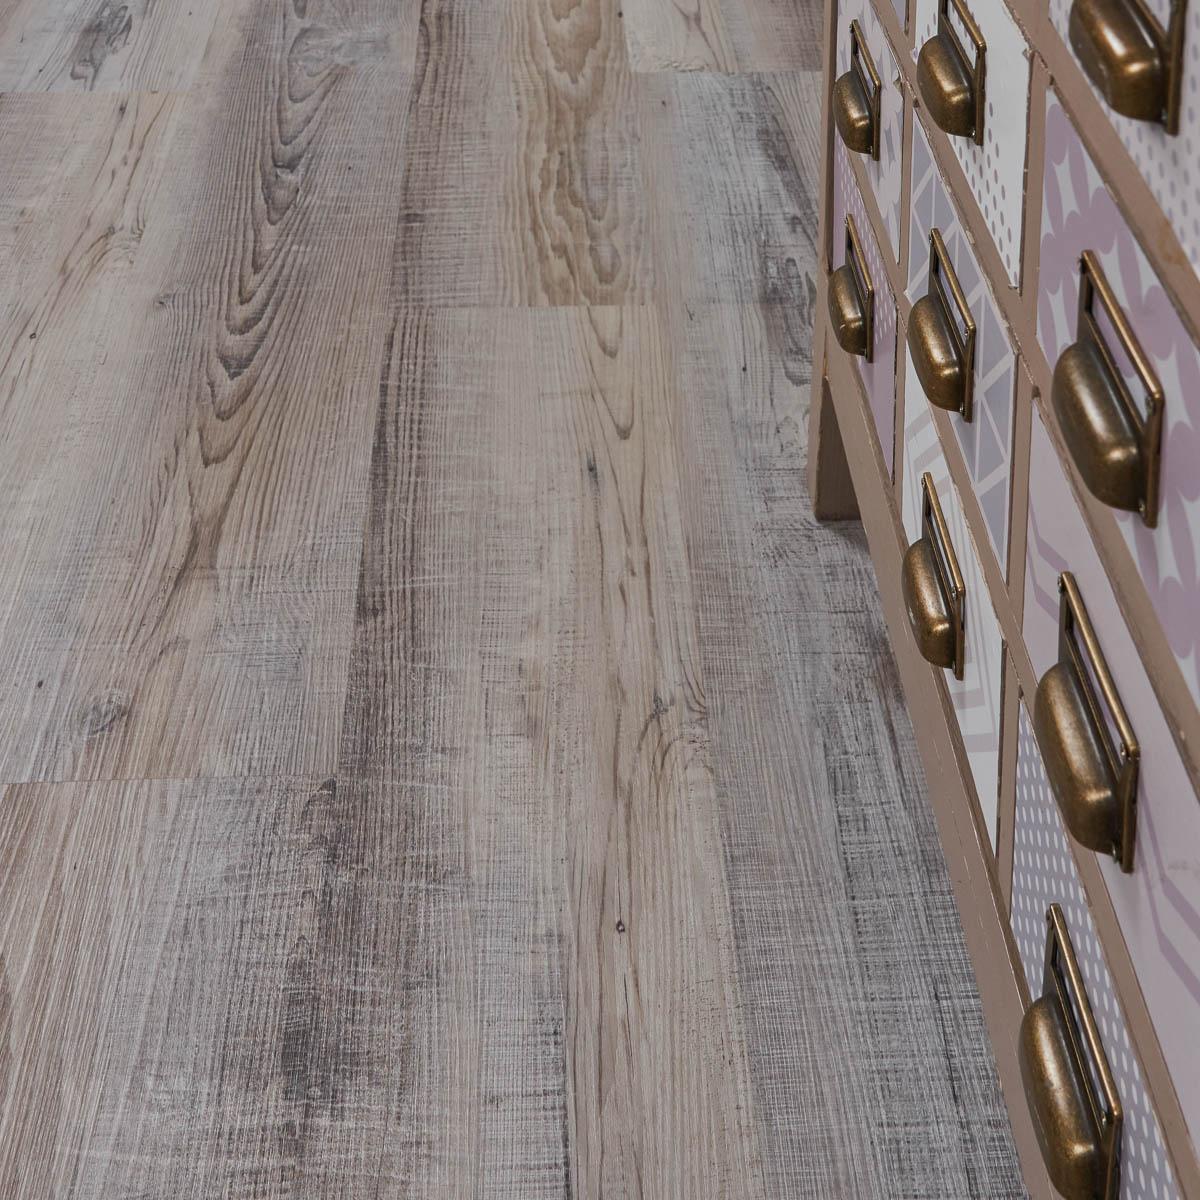 Vinilam Ceramo Wood 4.5 mm